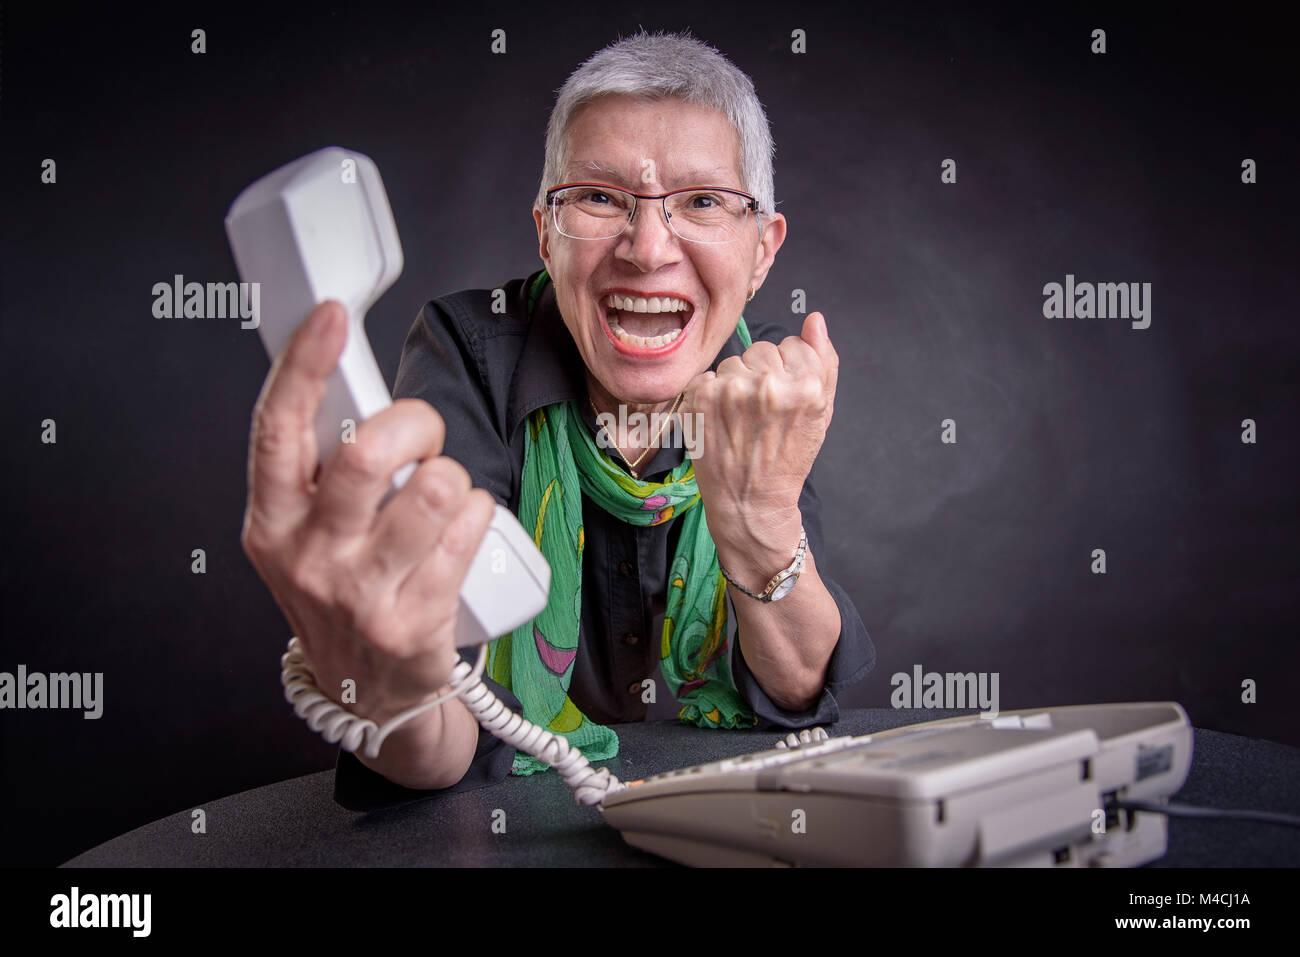 Servizio terribile, arrabbiato senior donna urlare al telefono Immagini Stock